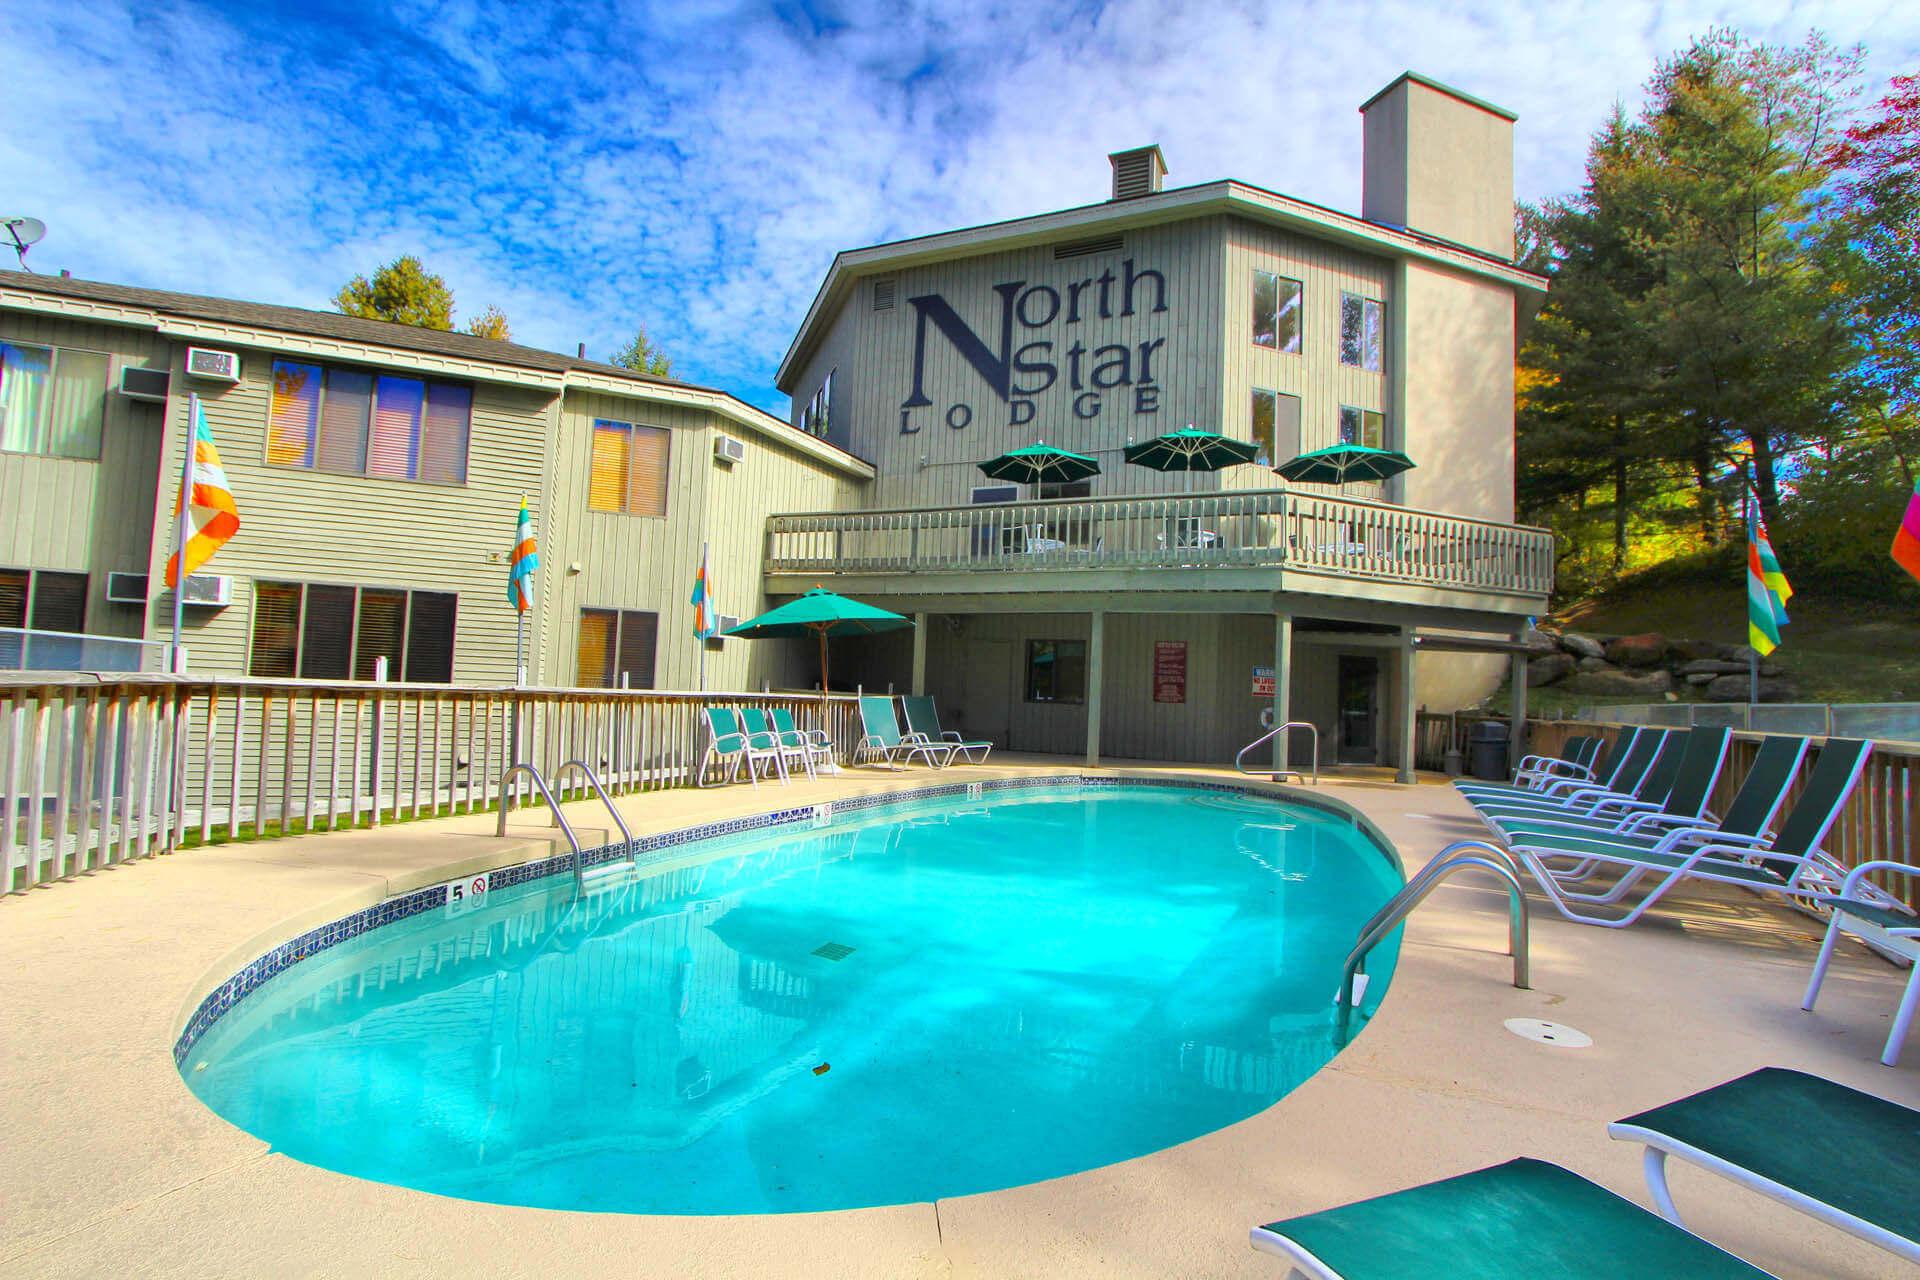 Northstar Lodge Pool